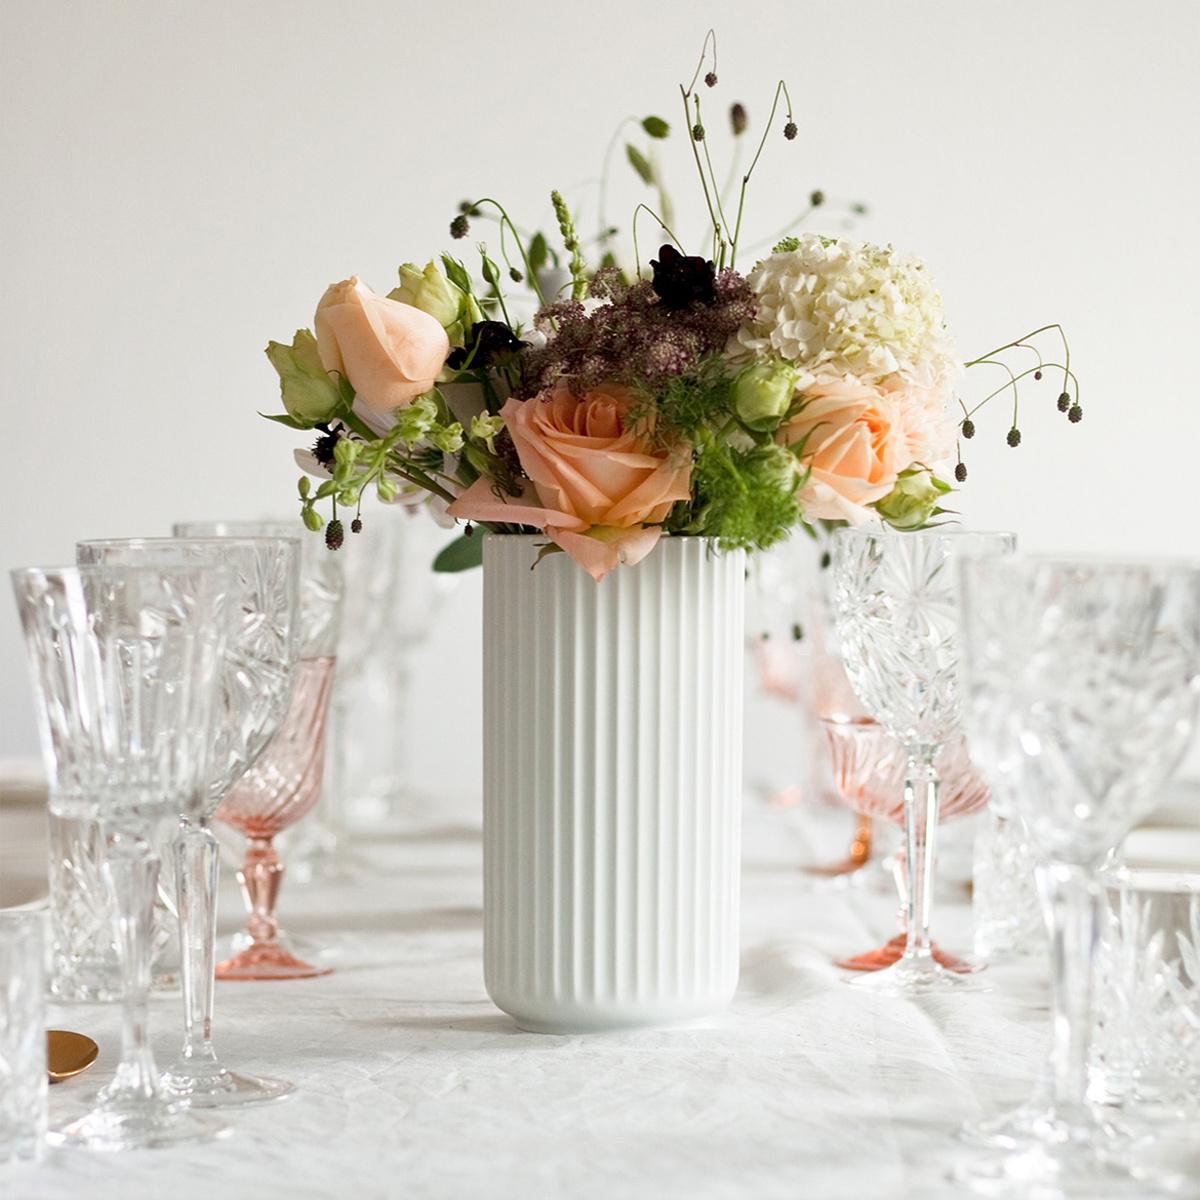 Fantastisk Lyngby vase H 38 cm by Lyngby Porcelæn | LOVEThESIGN AR47